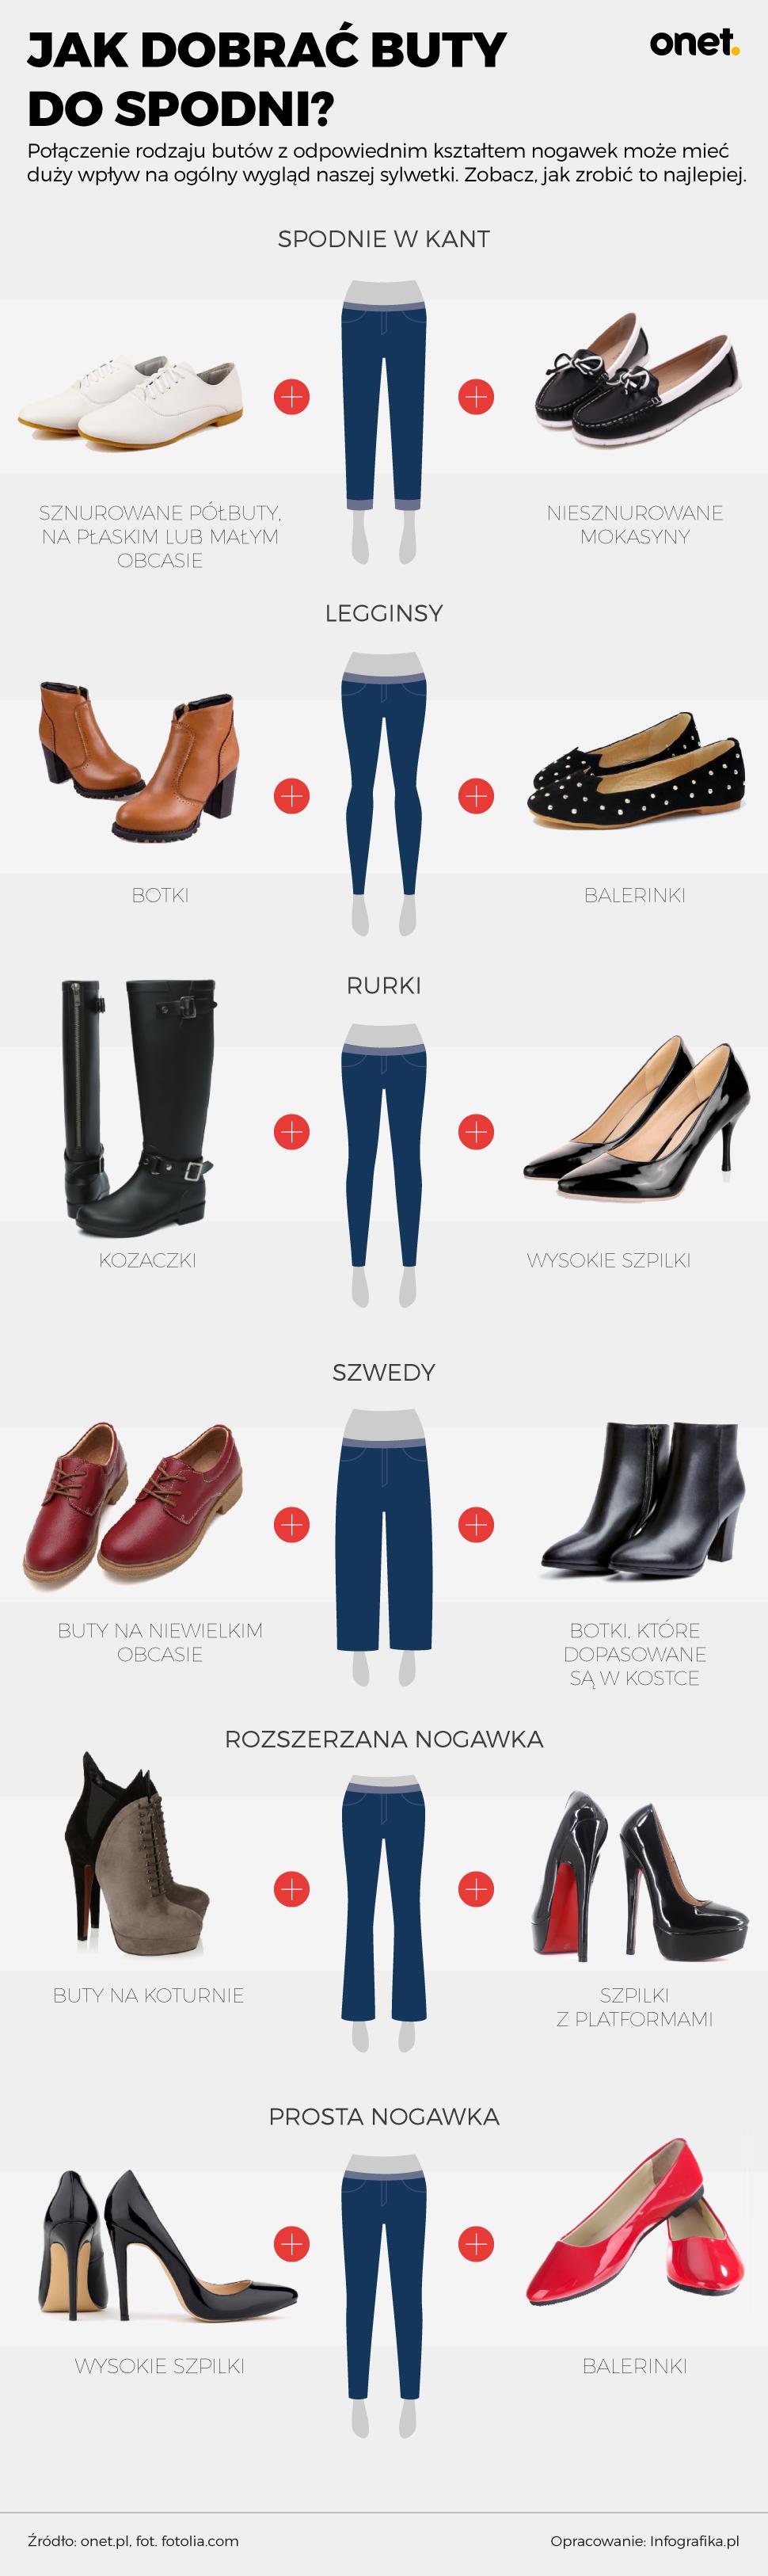 0ec086833710 Jak dobrać buty do spodni   INFOGRAFIKA  - Moda